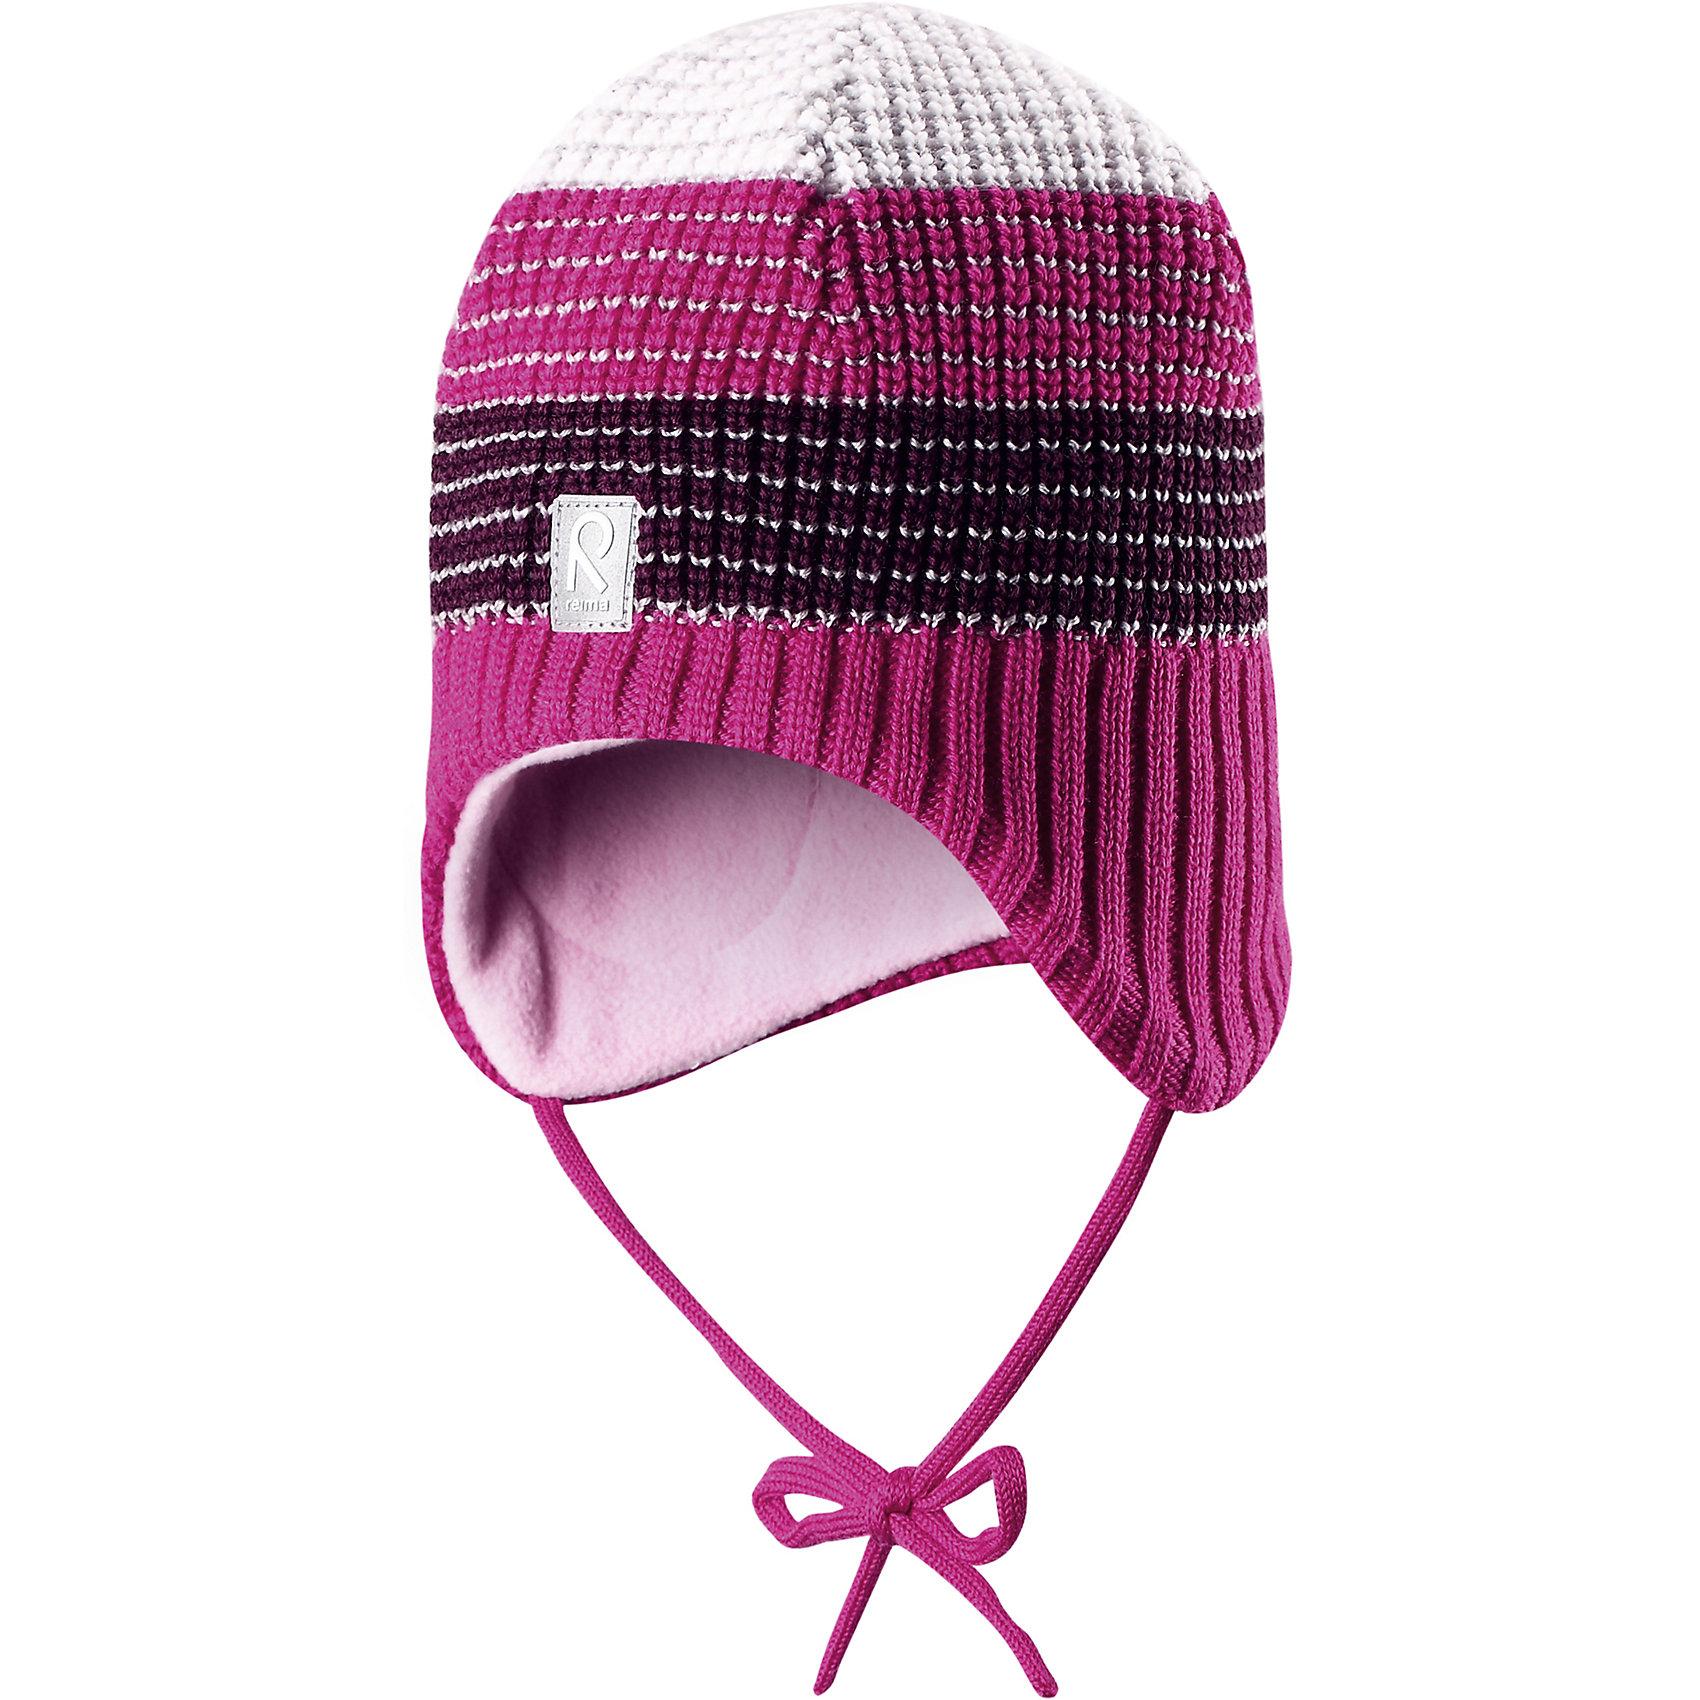 Шапка Tilava ReimaШапка  Reima<br>Шерстяная шапка «Бини» для детей и малышей. Мягкая ткань из мериносовой шерсти для поддержания идеальной температуры тела. Теплый толстый качественный трикотаж. Товар сертифицирован Oeko-Tex, класс 1, одежда для малышей. Ветронепроницаемые вставки в области ушей. Любые размеры. Мягкая теплая подкладка из поларфлиса. Скандинавский вязаный узор. Декоративные элементы сверху. Интересная структура поверхности. Светоотражающий элемент спереди.<br>Уход:<br>Стирать по отдельности, вывернув наизнанку. Придать первоначальную форму вo влажном виде. Возможна усадка 5 %.<br>Состав:<br>100% Шерсть<br><br>Ширина мм: 89<br>Глубина мм: 117<br>Высота мм: 44<br>Вес г: 155<br>Цвет: розовый<br>Возраст от месяцев: 24<br>Возраст до месяцев: 60<br>Пол: Женский<br>Возраст: Детский<br>Размер: 52,48,54,50<br>SKU: 4777282